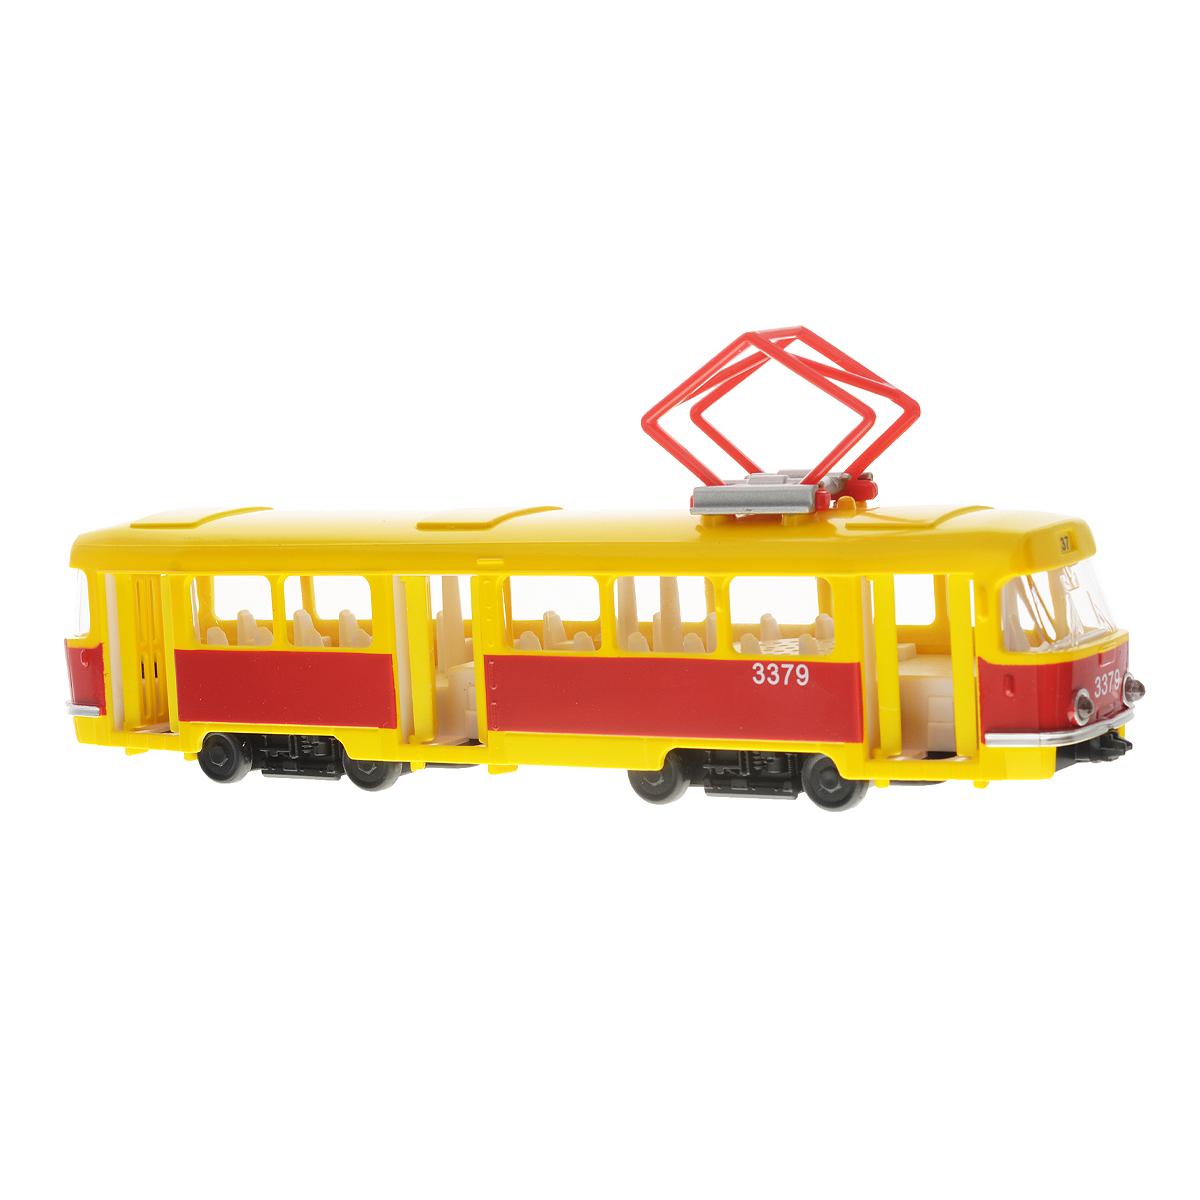 ТехноПарк Трамвай технопарк трамвай